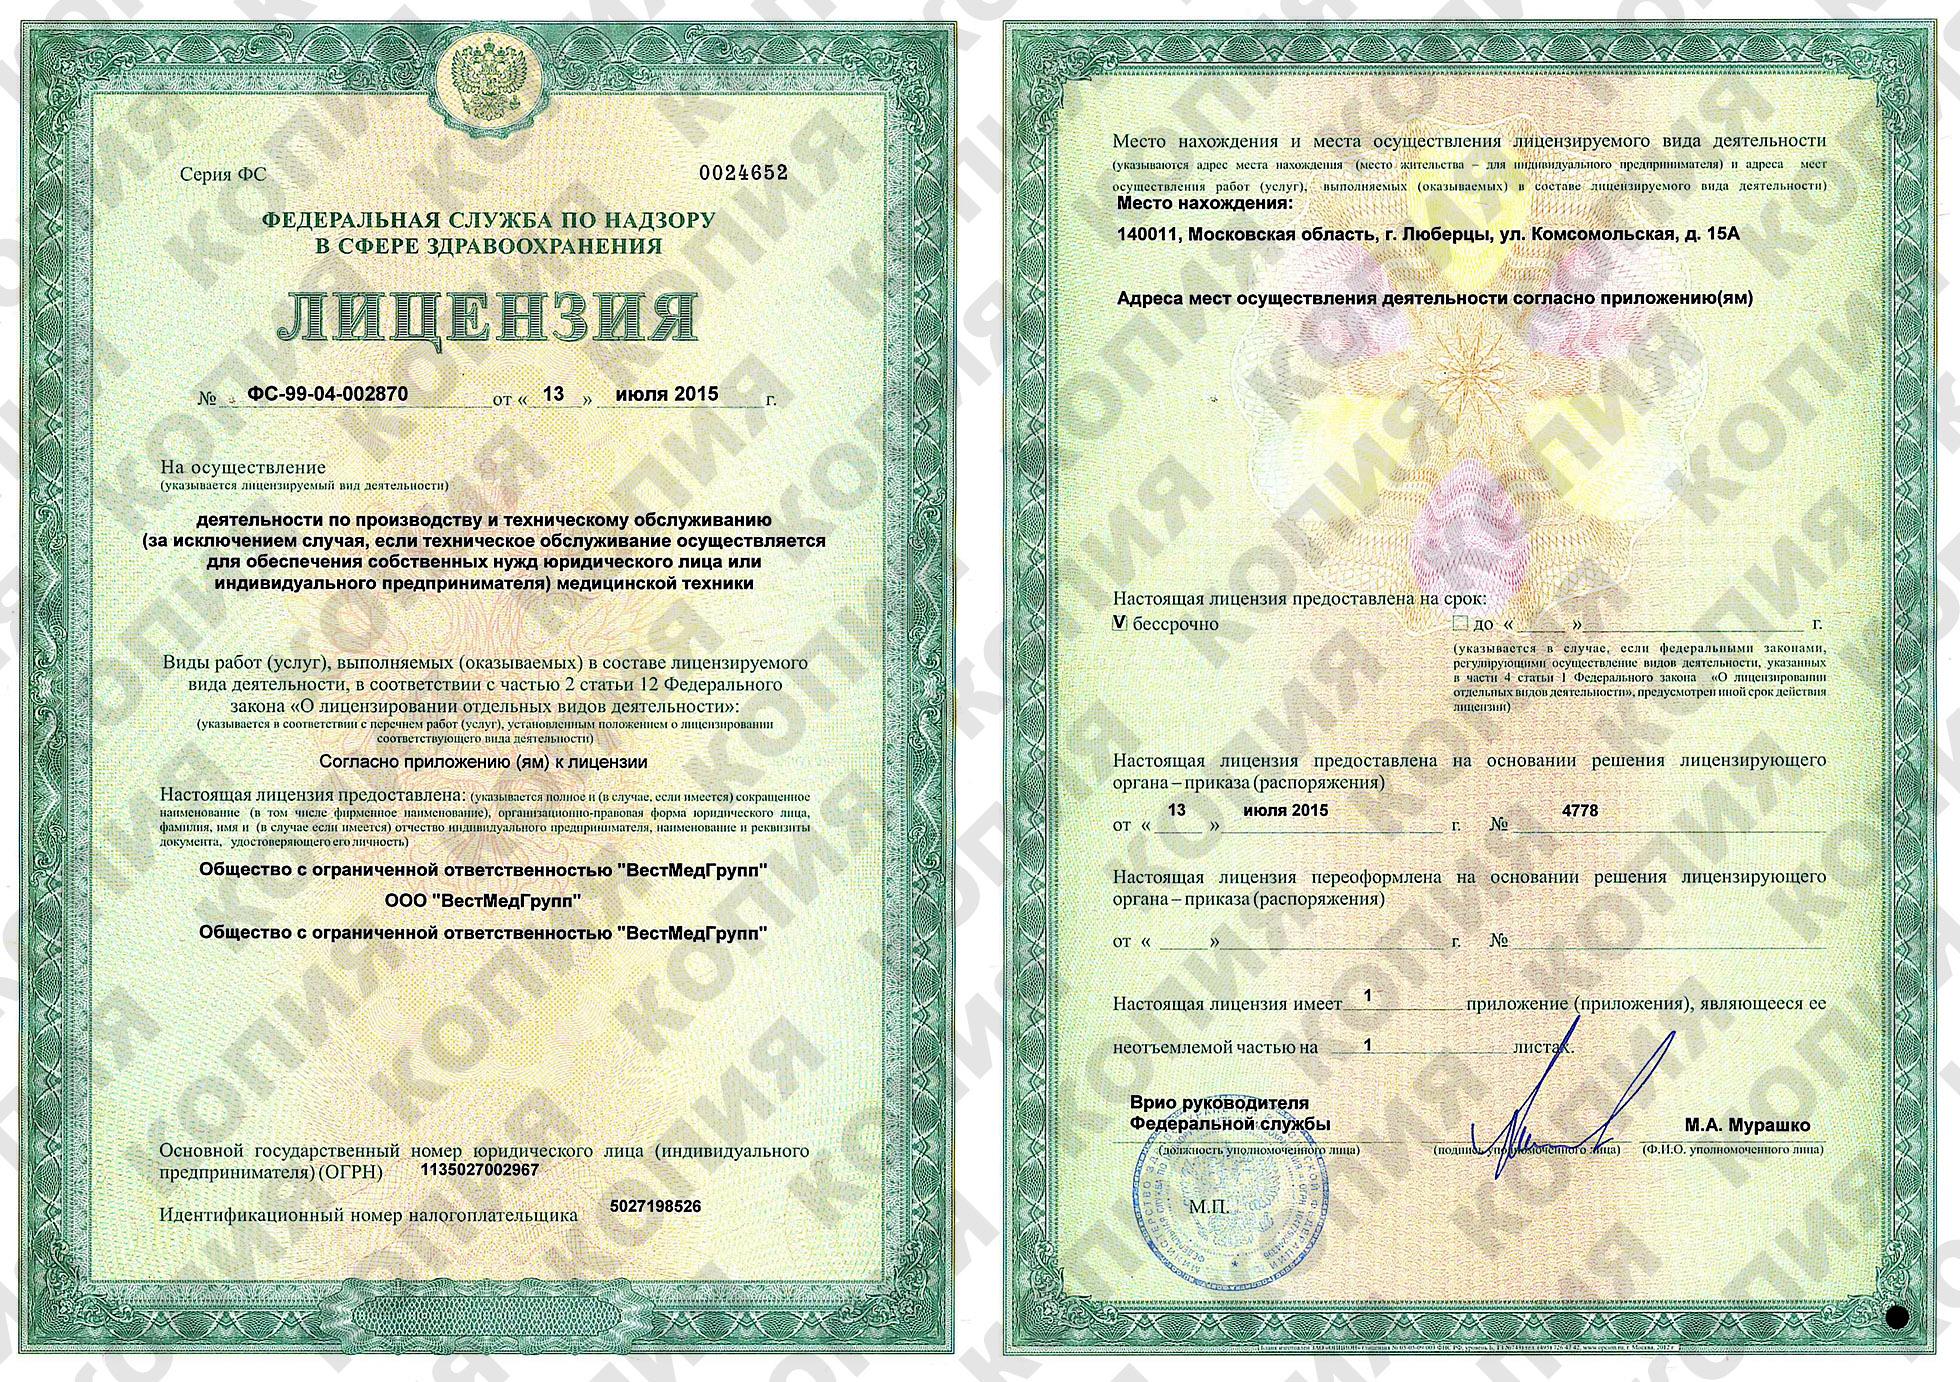 лицензия на техобслуживание медицинской техники